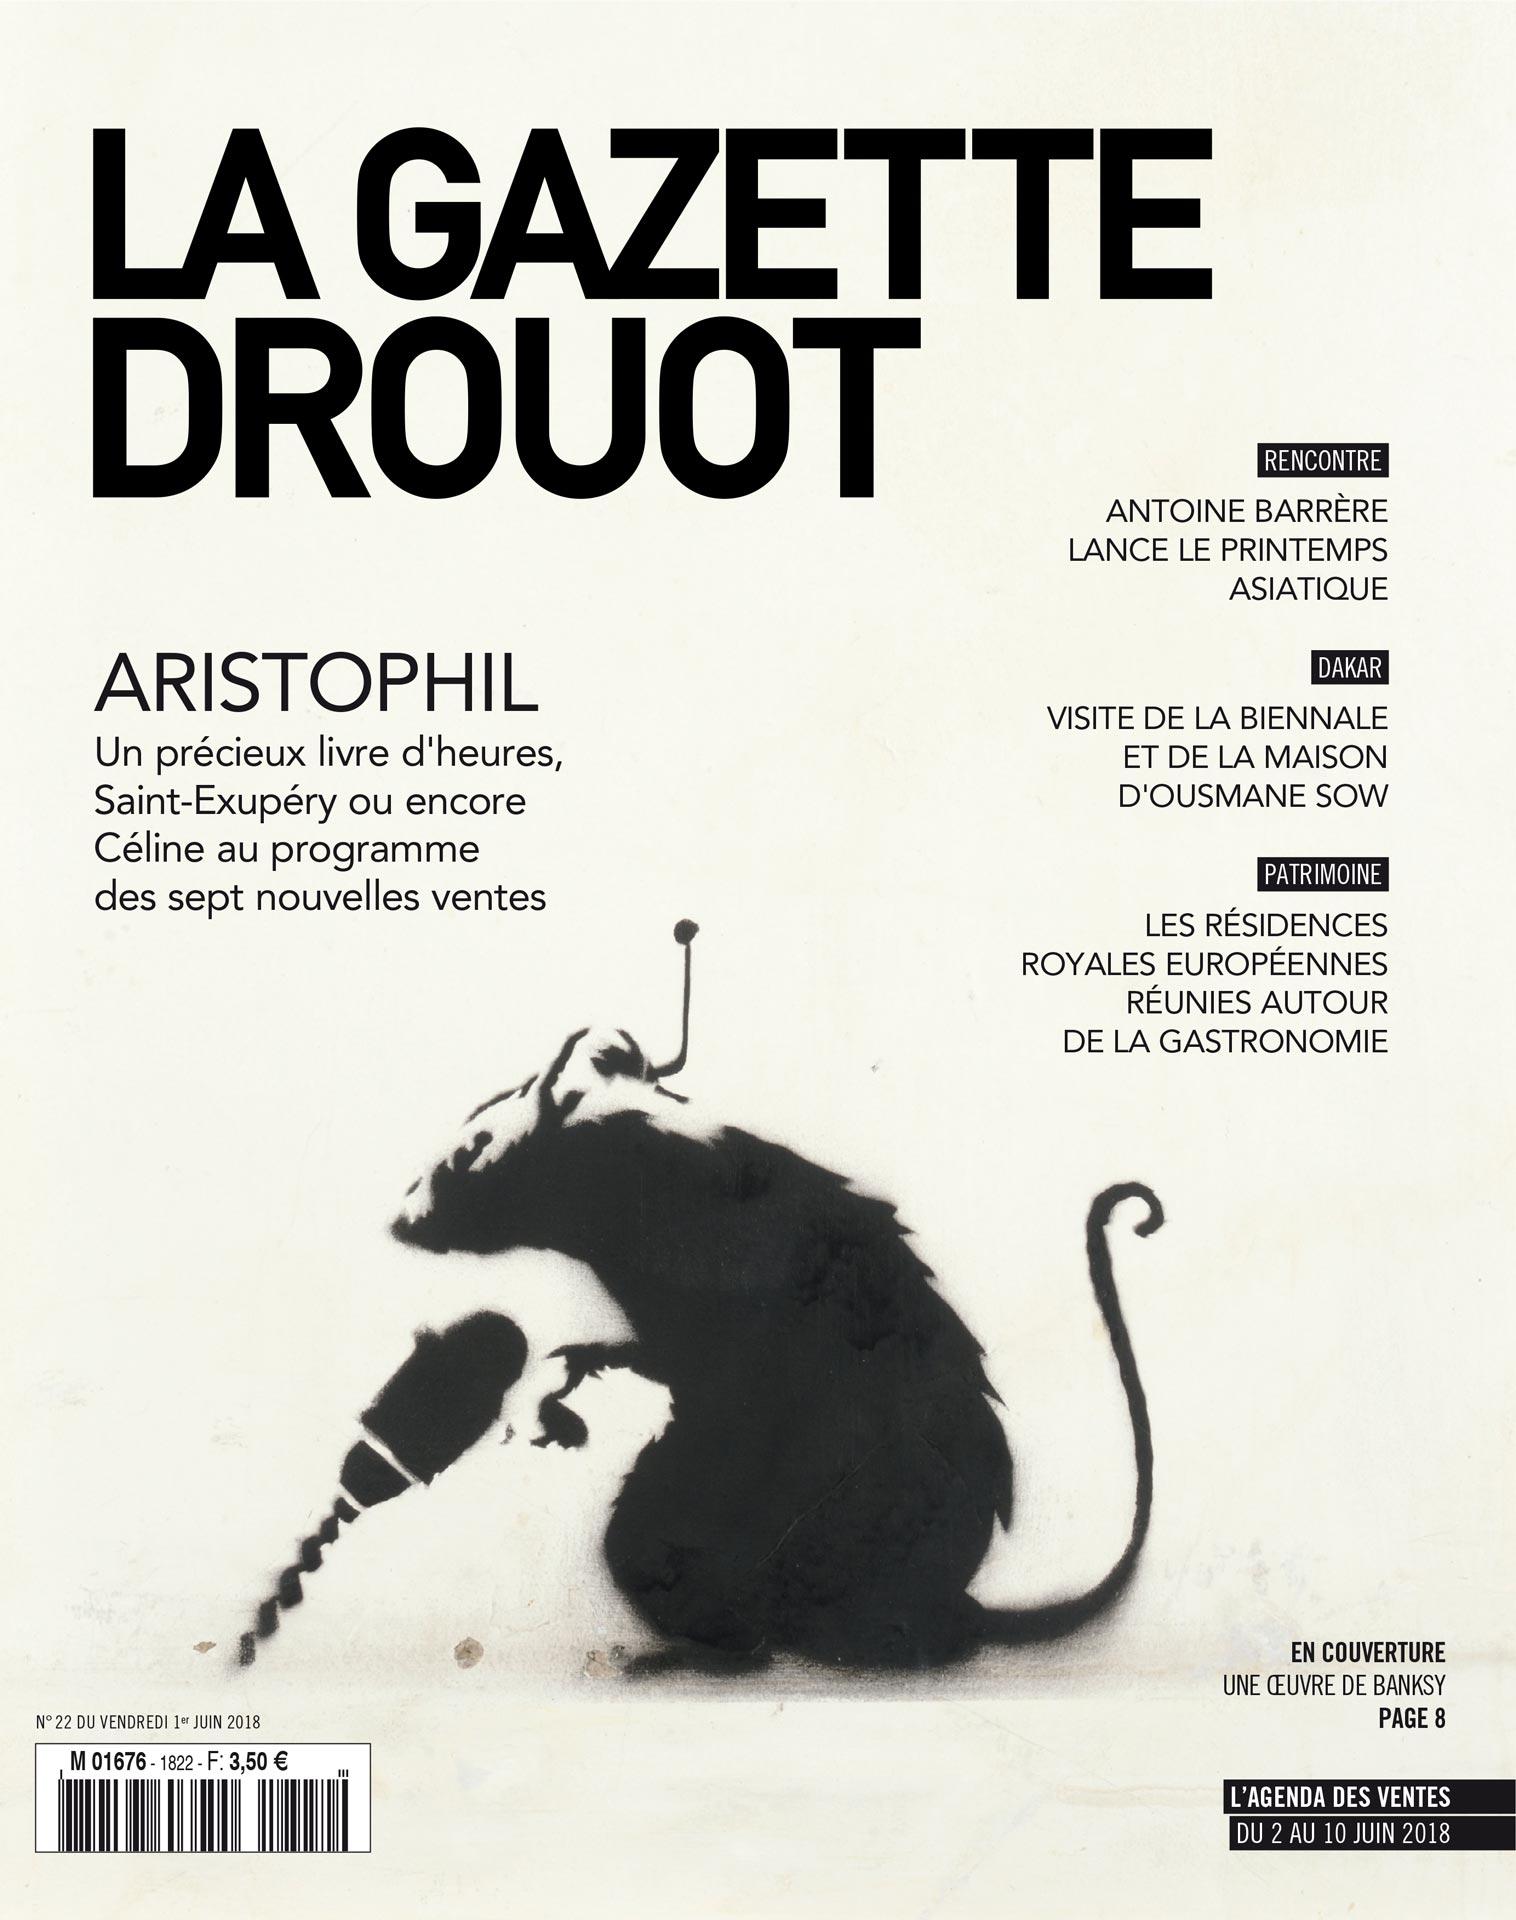 Gazette Drouot #22 du 1er JUIN 2018